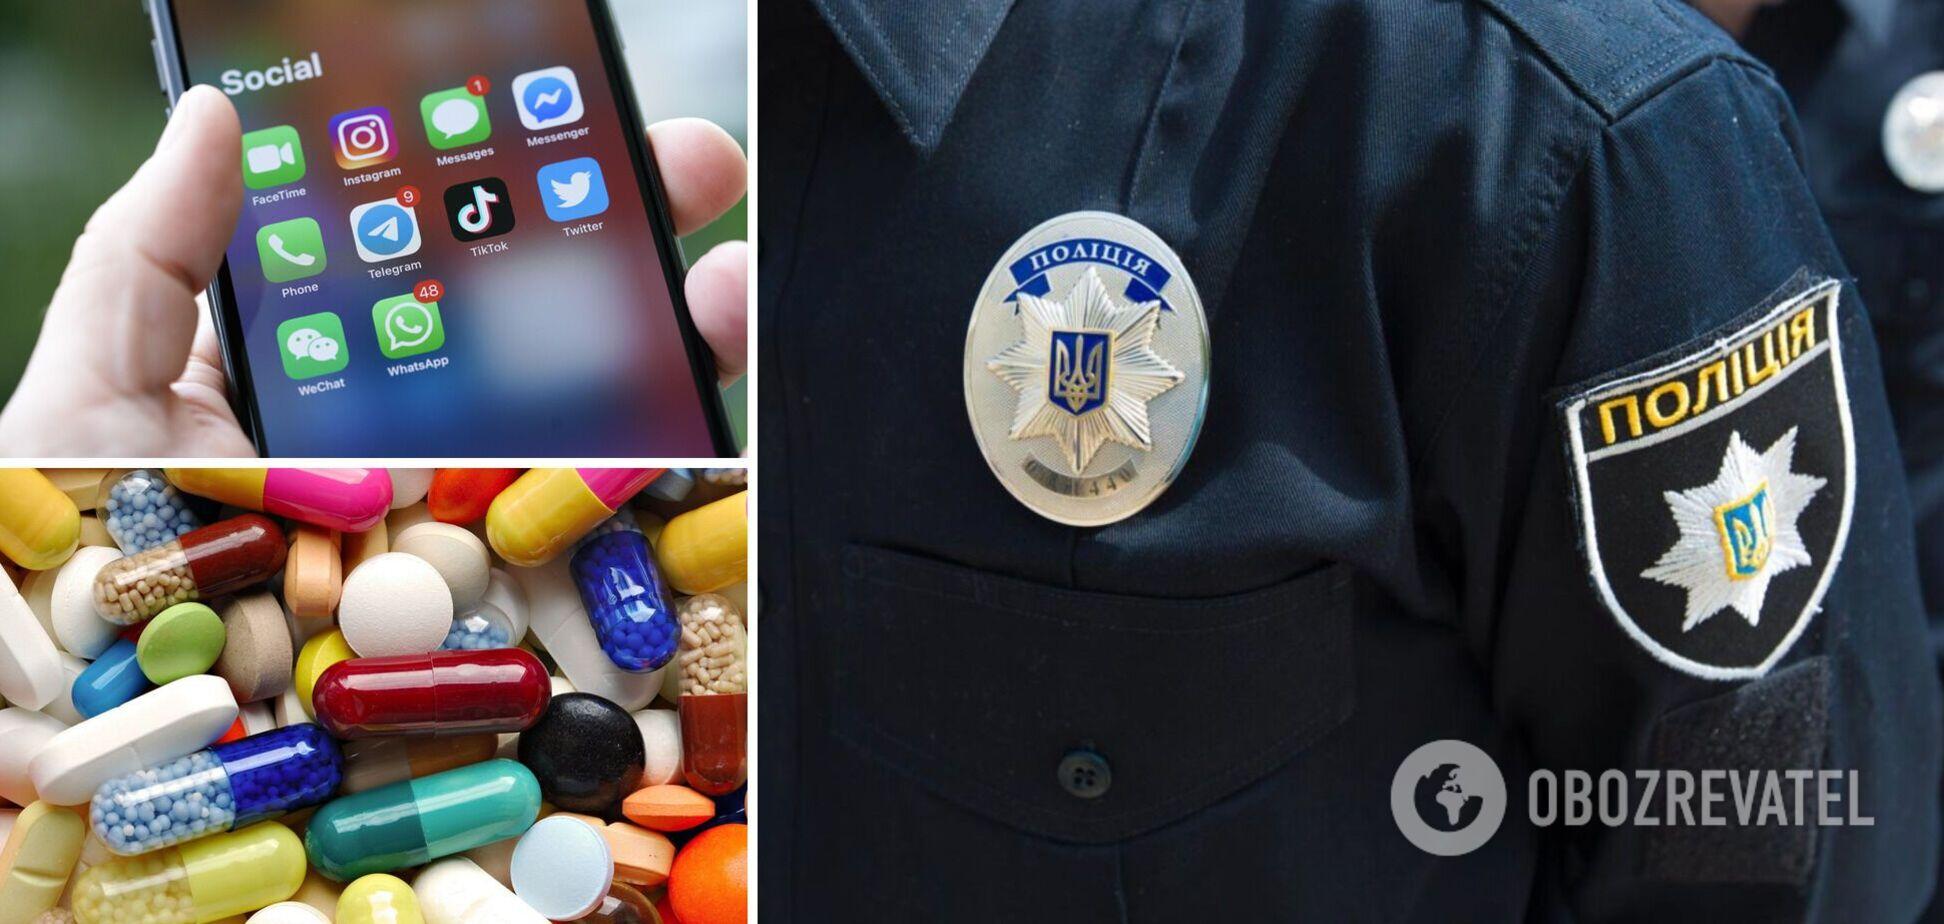 Хвиля отруєнь серед підлітків в Україні: поліція попередила про небезпеку в мережі та звернулася до батьків